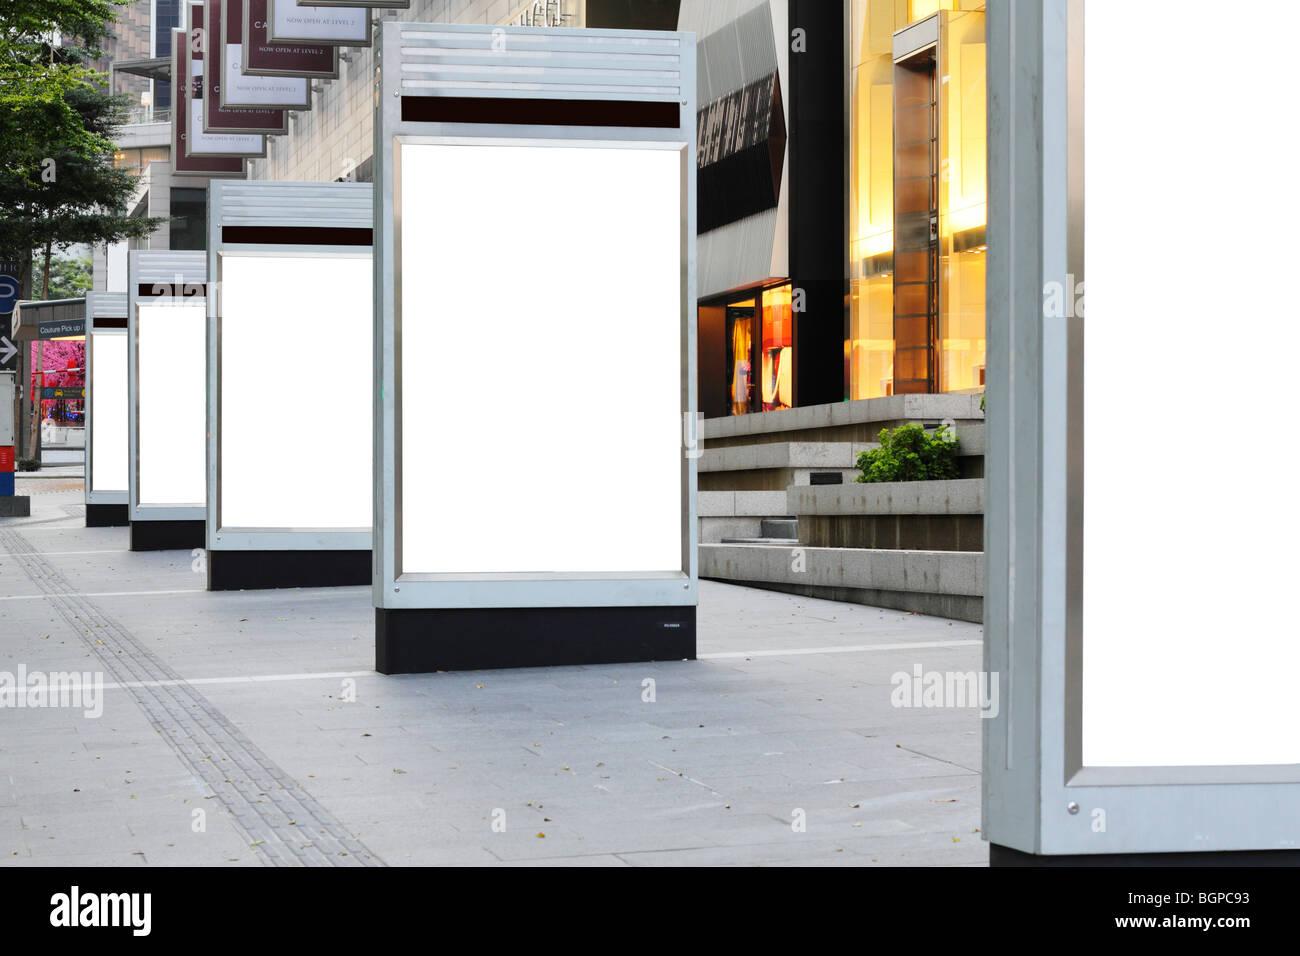 Cartelli di segnalazione vuota al di fuori di un complesso di negozi Immagini Stock